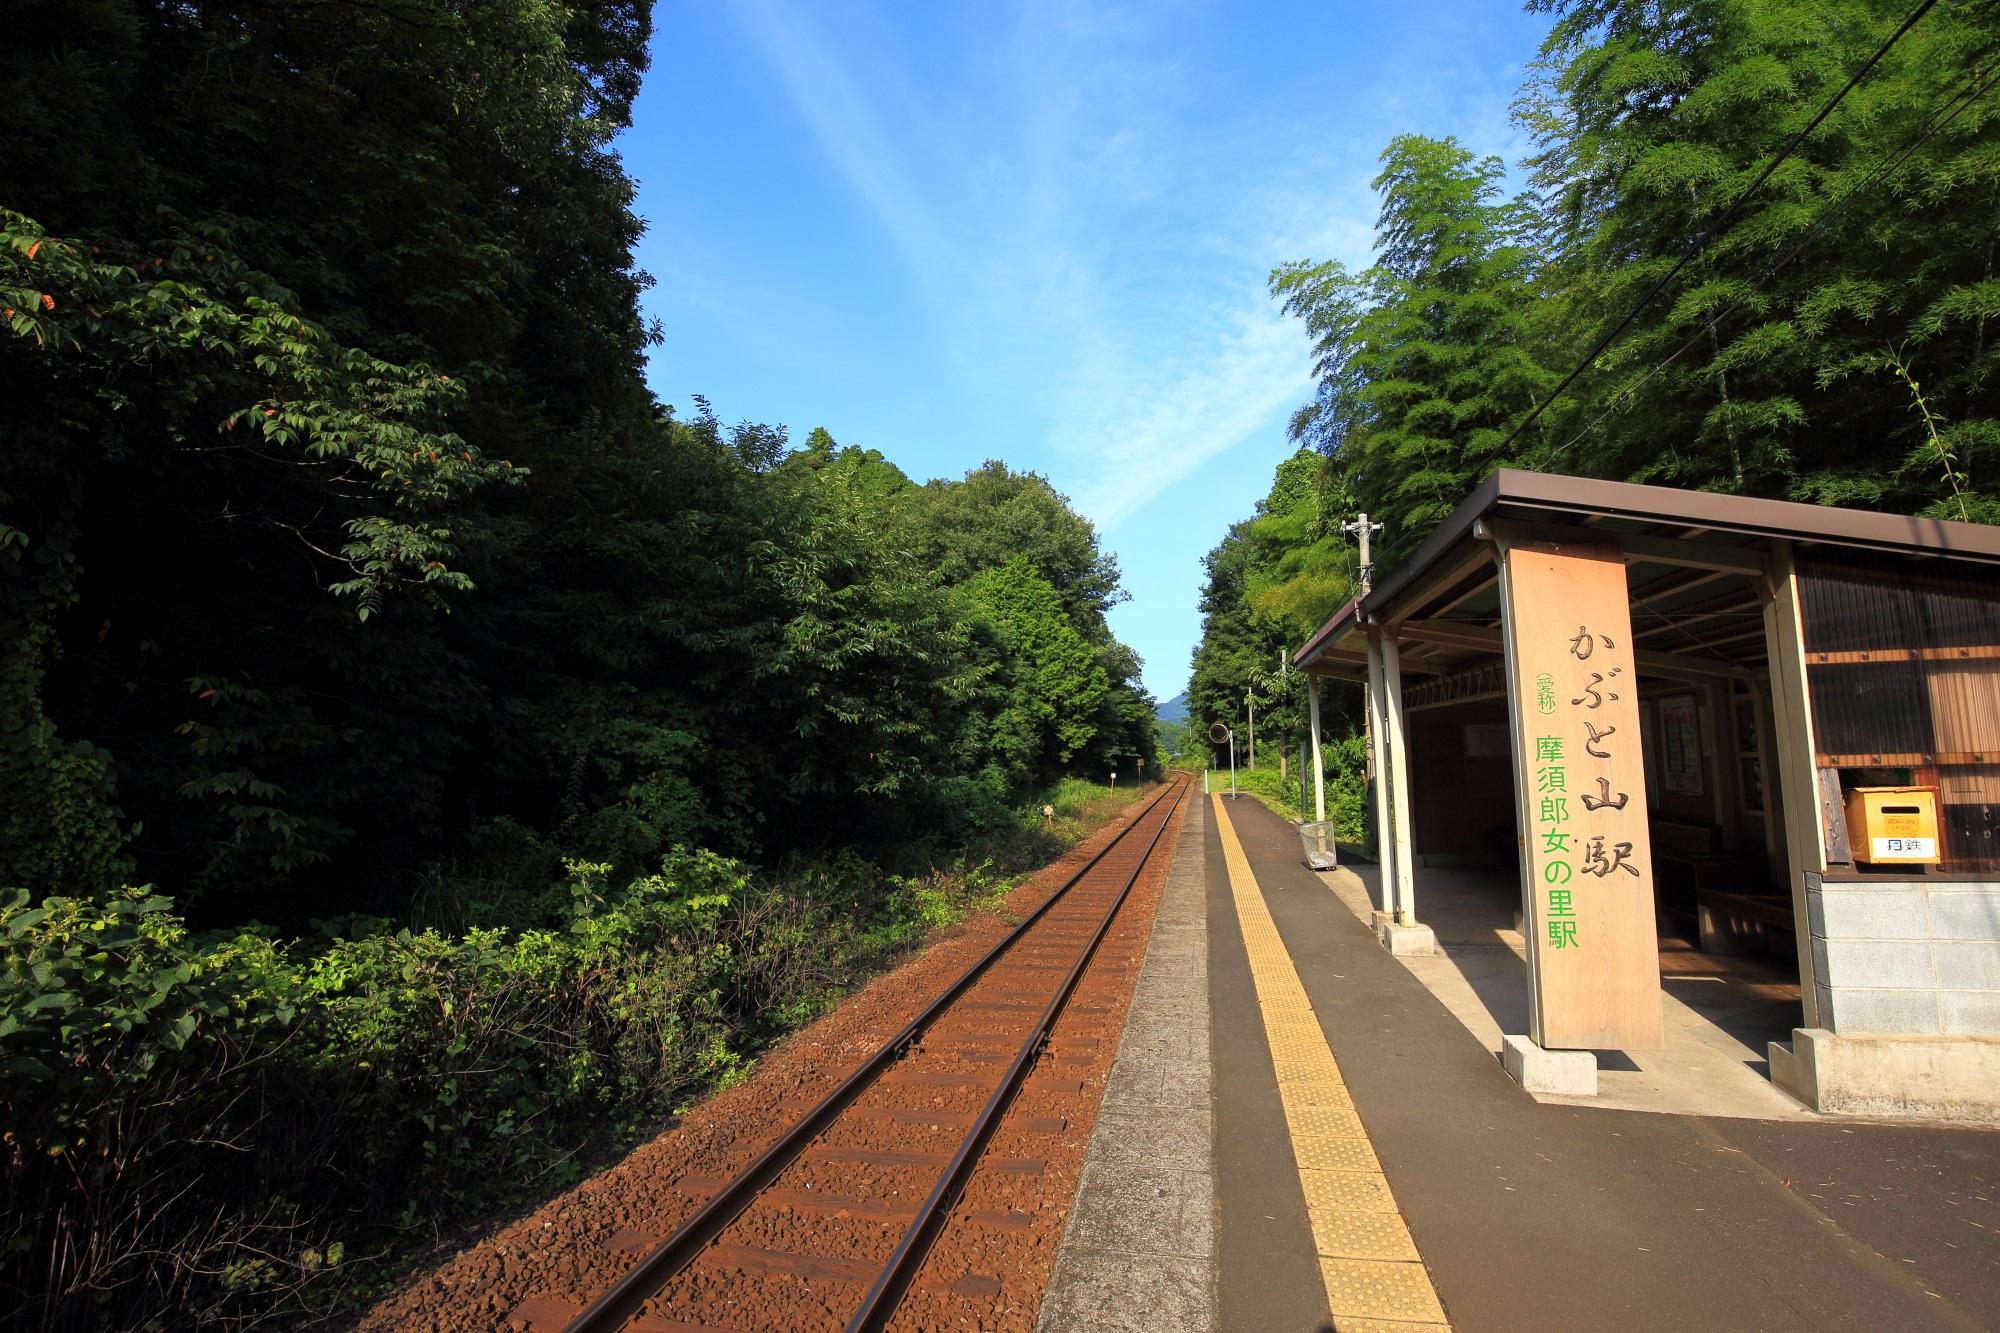 単線の丹後鉄道の田舎の良い感じの「かぶと山」駅